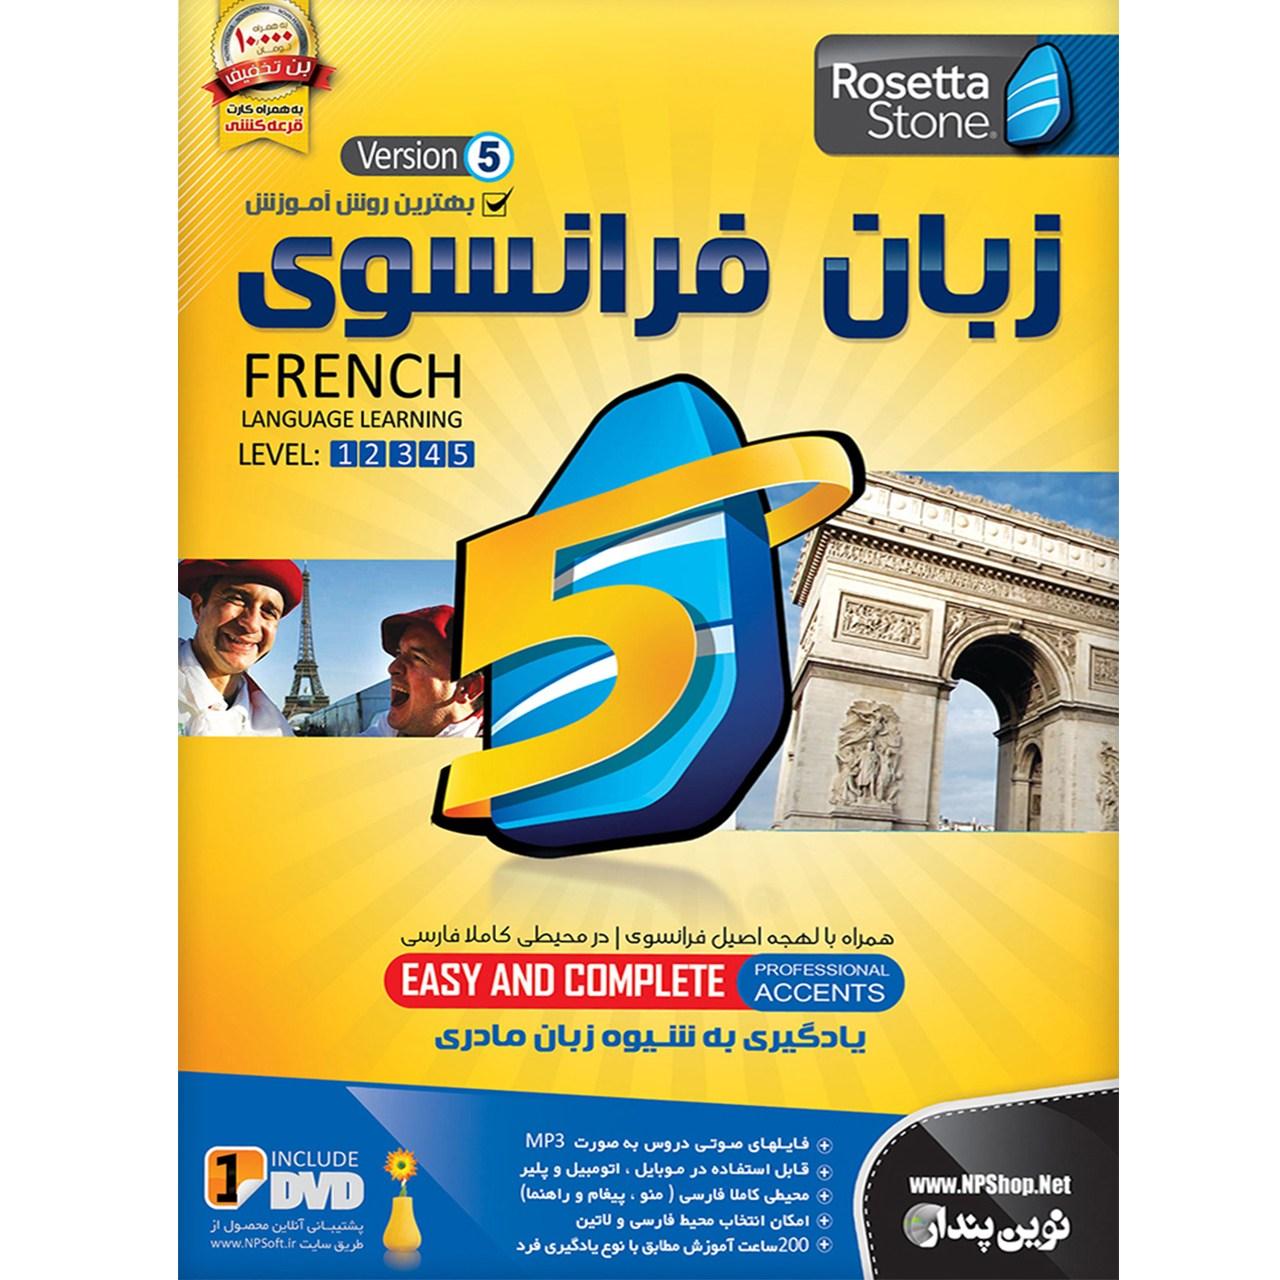 خرید اینترنتی نرم افزار آموزش زبان فرانسوی رزتا استون نسخه 5 نشر نوین پندار